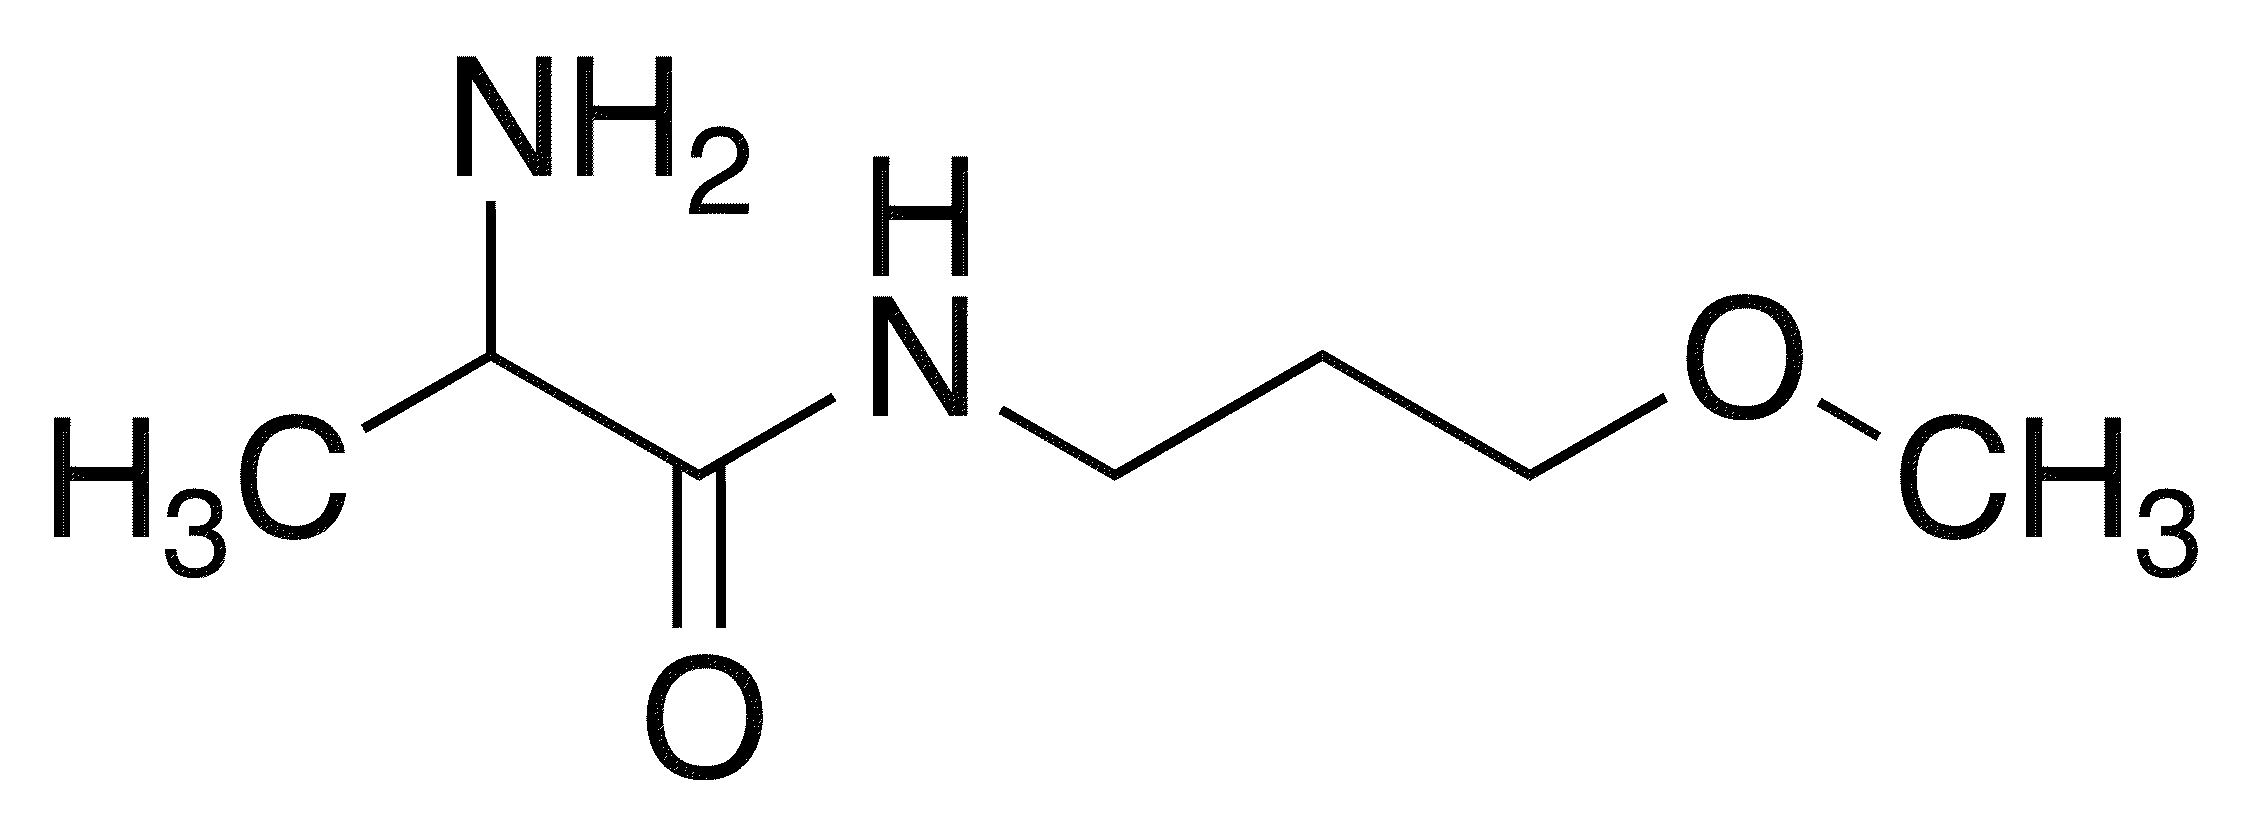 2-Amino-N-(3-methoxypropyl)-DL-propanamide